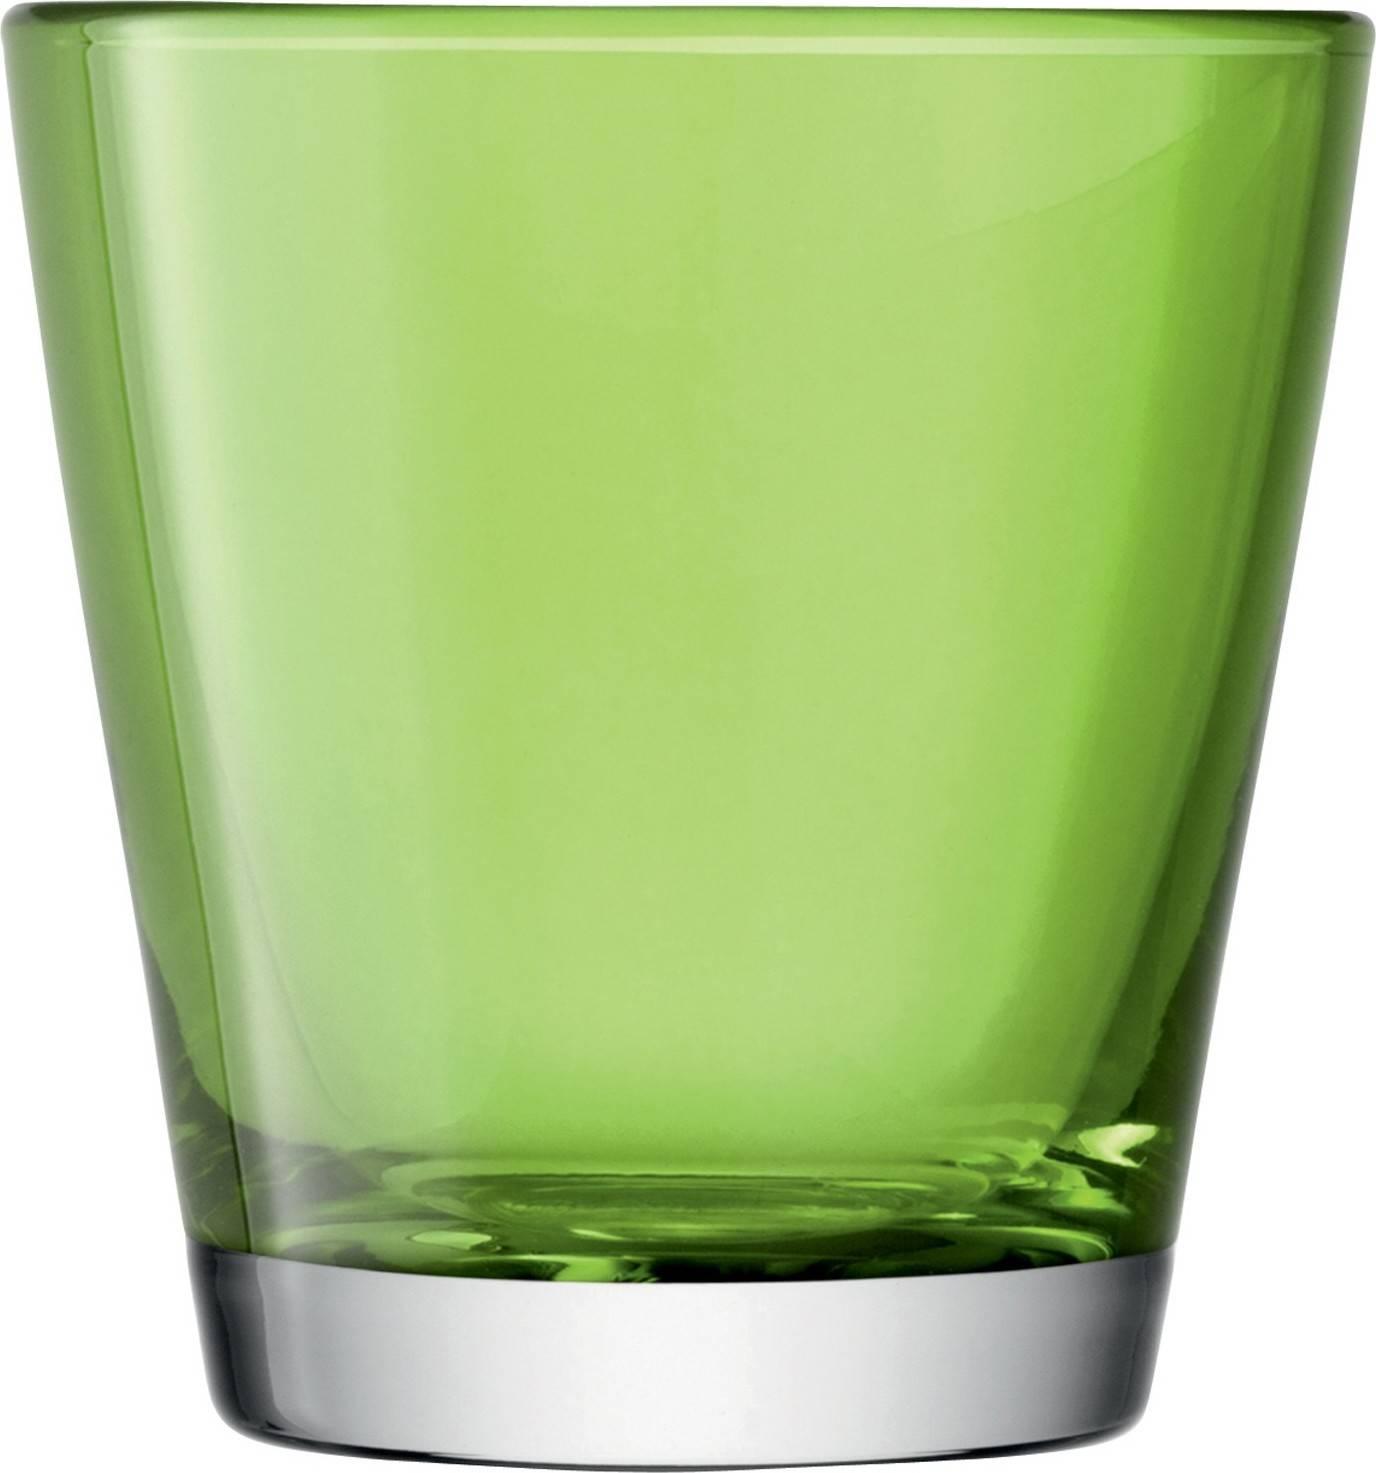 LSA Asher sklenice zelená, 340ml, Handmade G005-09-834 LSA International